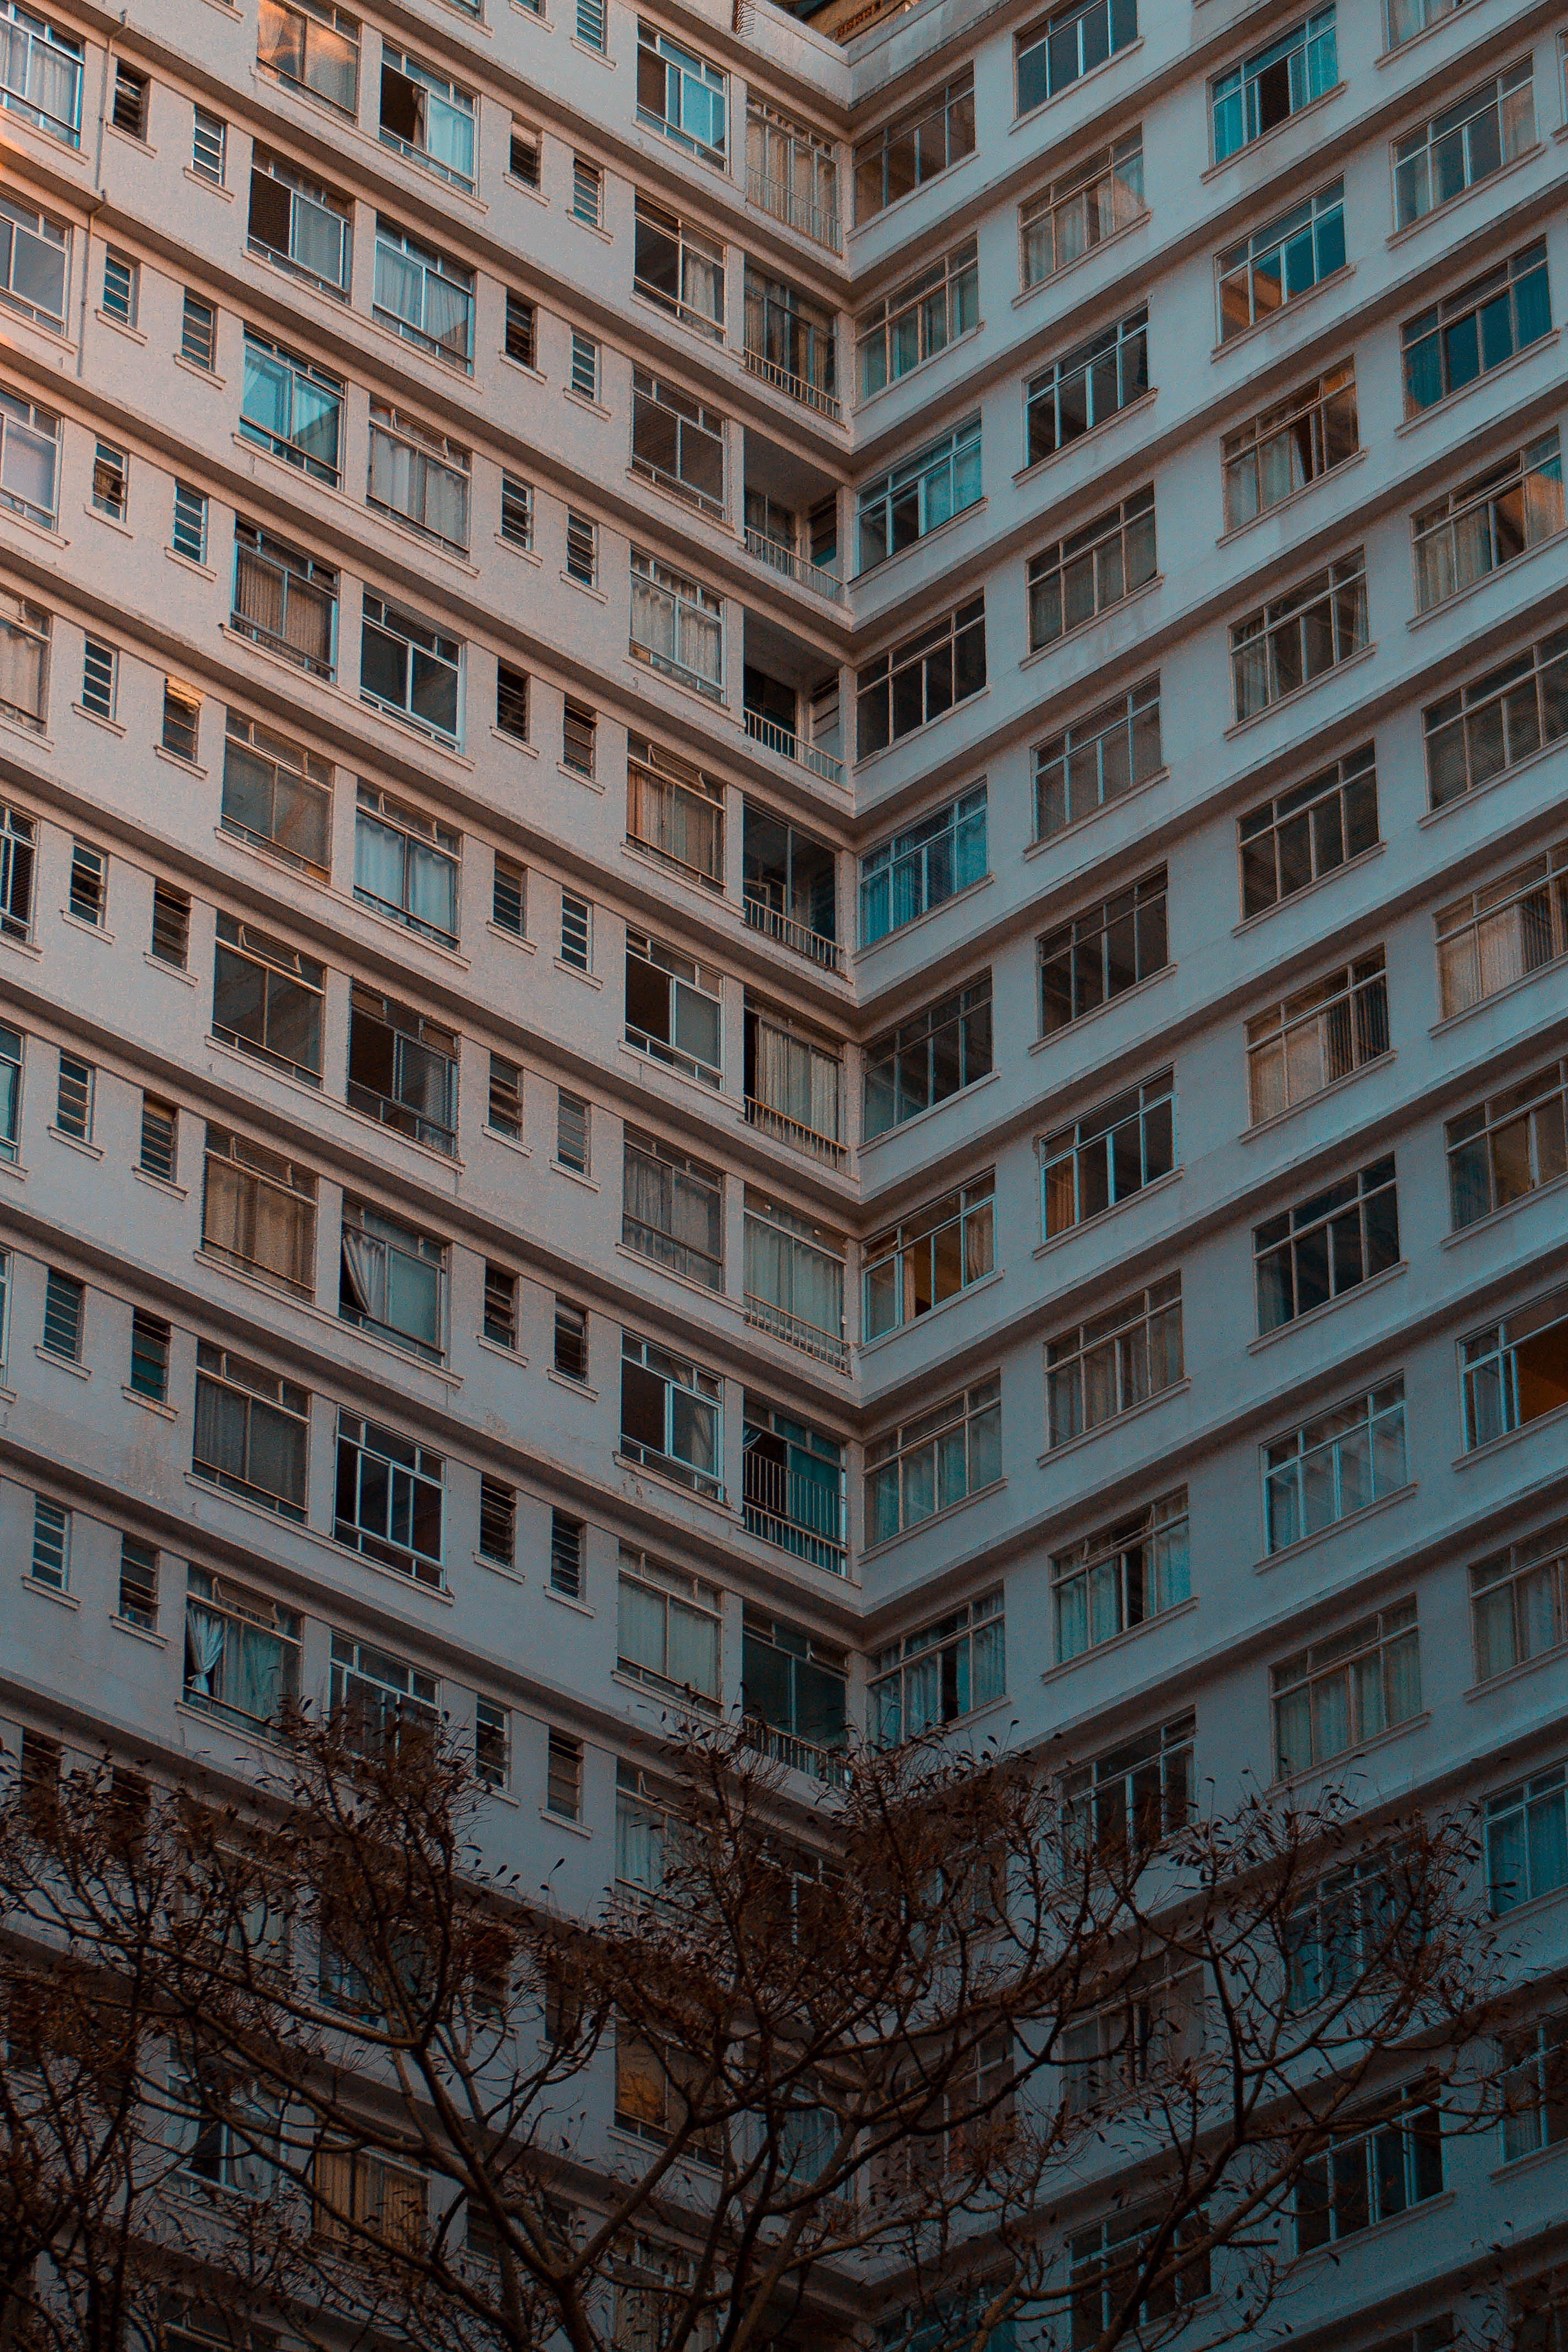 açık hava, apartman, bakış açısı, bina içeren Ücretsiz stok fotoğraf